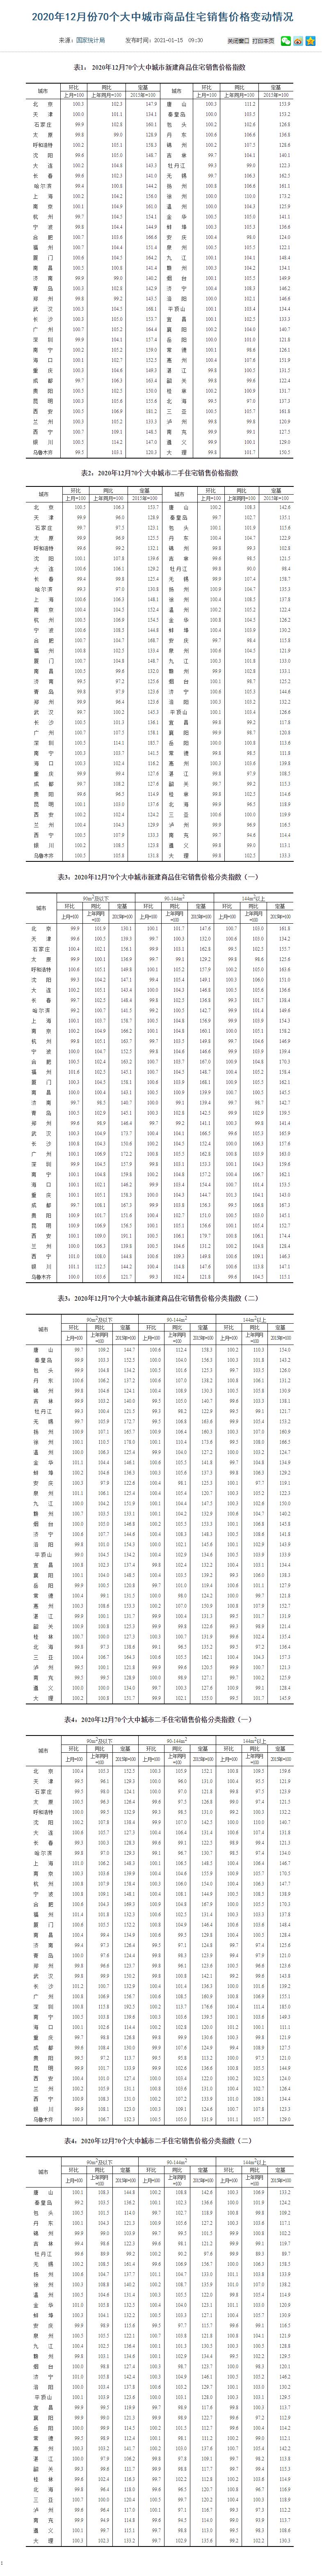 2020年12月70城新建商品住宅销售价格指数:北京同比上涨2.3%